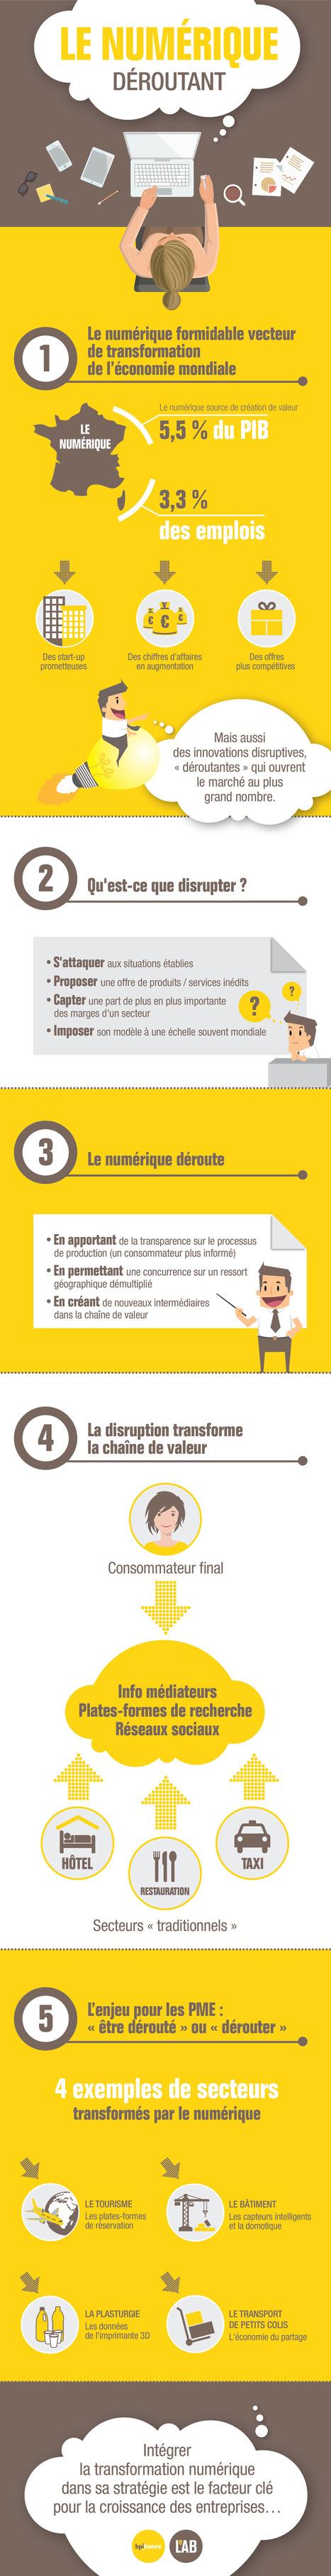 Etude | Le numérique déroutant et la disruption digitale (infographie Bpifrance Le Lab) | Webmarketing infographics - La French Touch digitale en images | Scoop.it